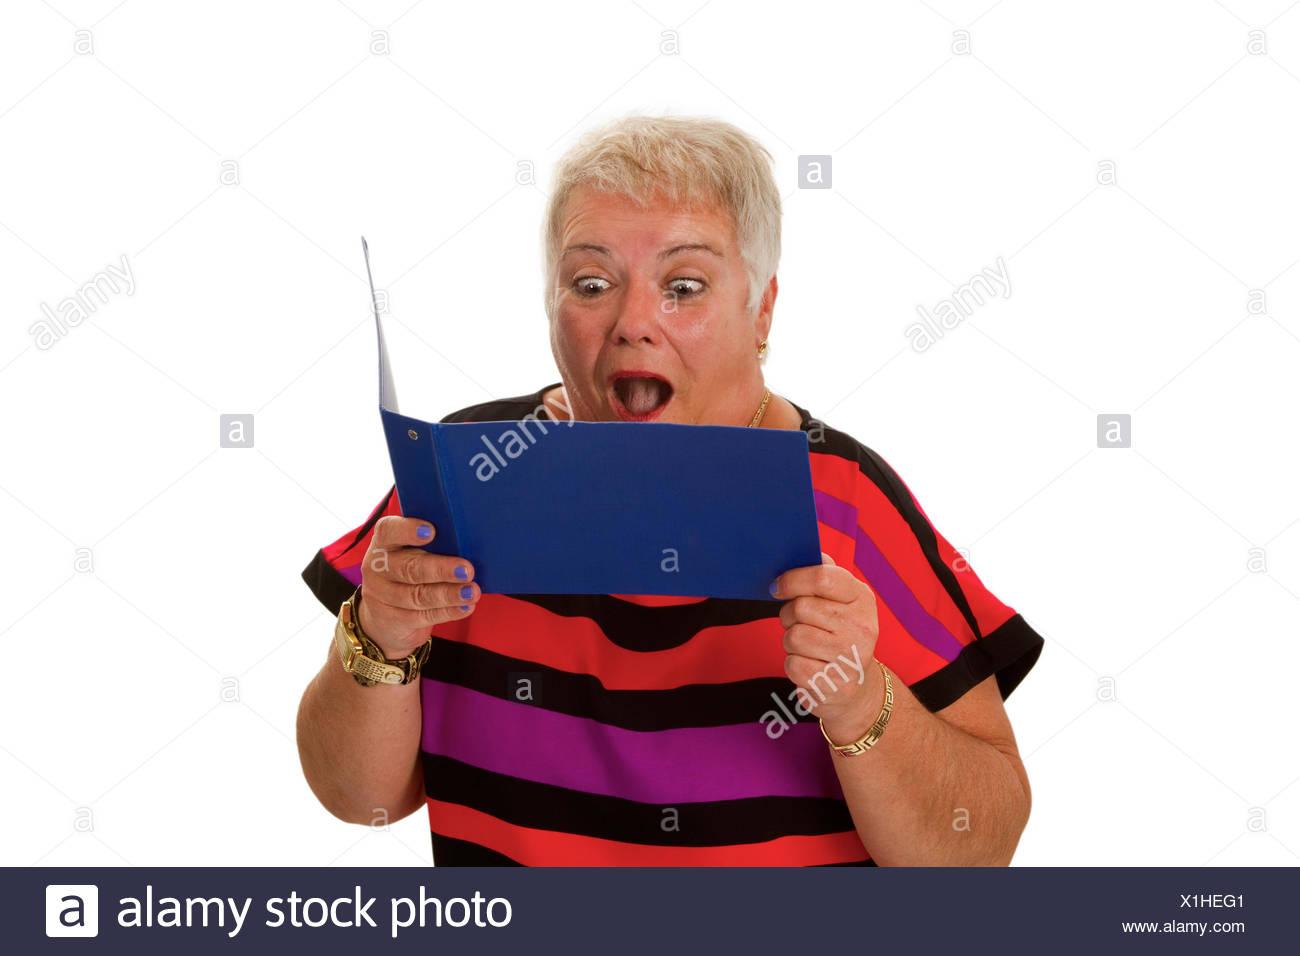 Seniorin mit Kontoauszugsmappe - freigestellt auf weissem Hintergrund Stock Photo